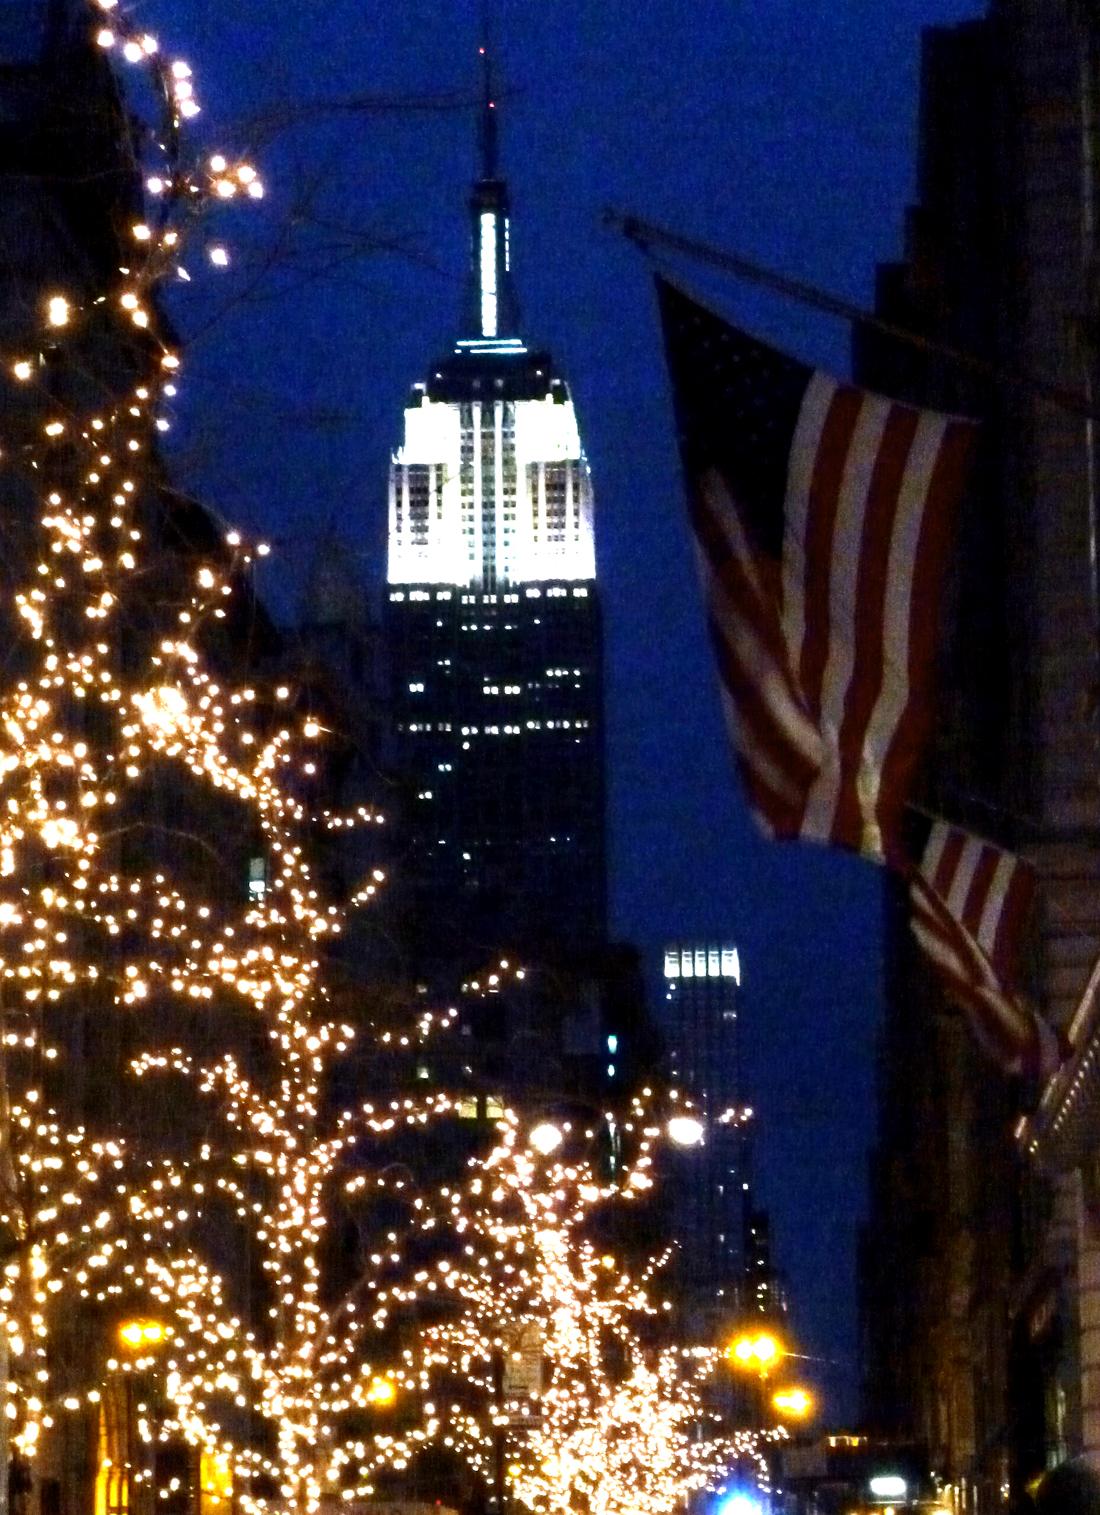 http://1.bp.blogspot.com/-iUFMXOO446Y/TvoatZUjmxI/AAAAAAAABPU/StHjF_F6xcw/s1600/Empire+State+1.jpg